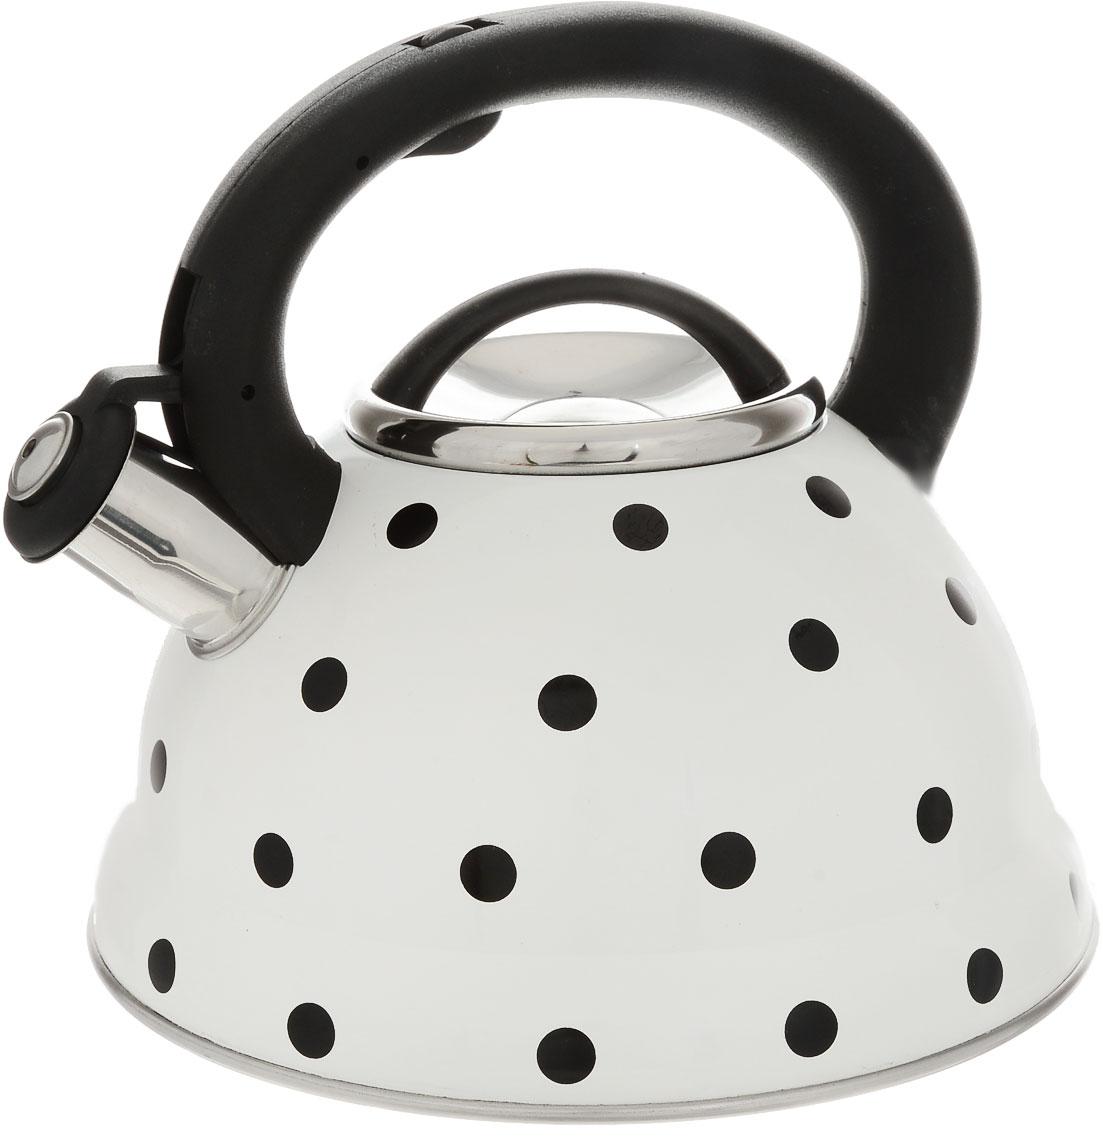 Чайник  Hoffmann , со свистком, цвет: белый, черный, 3,3 л - Посуда для приготовления